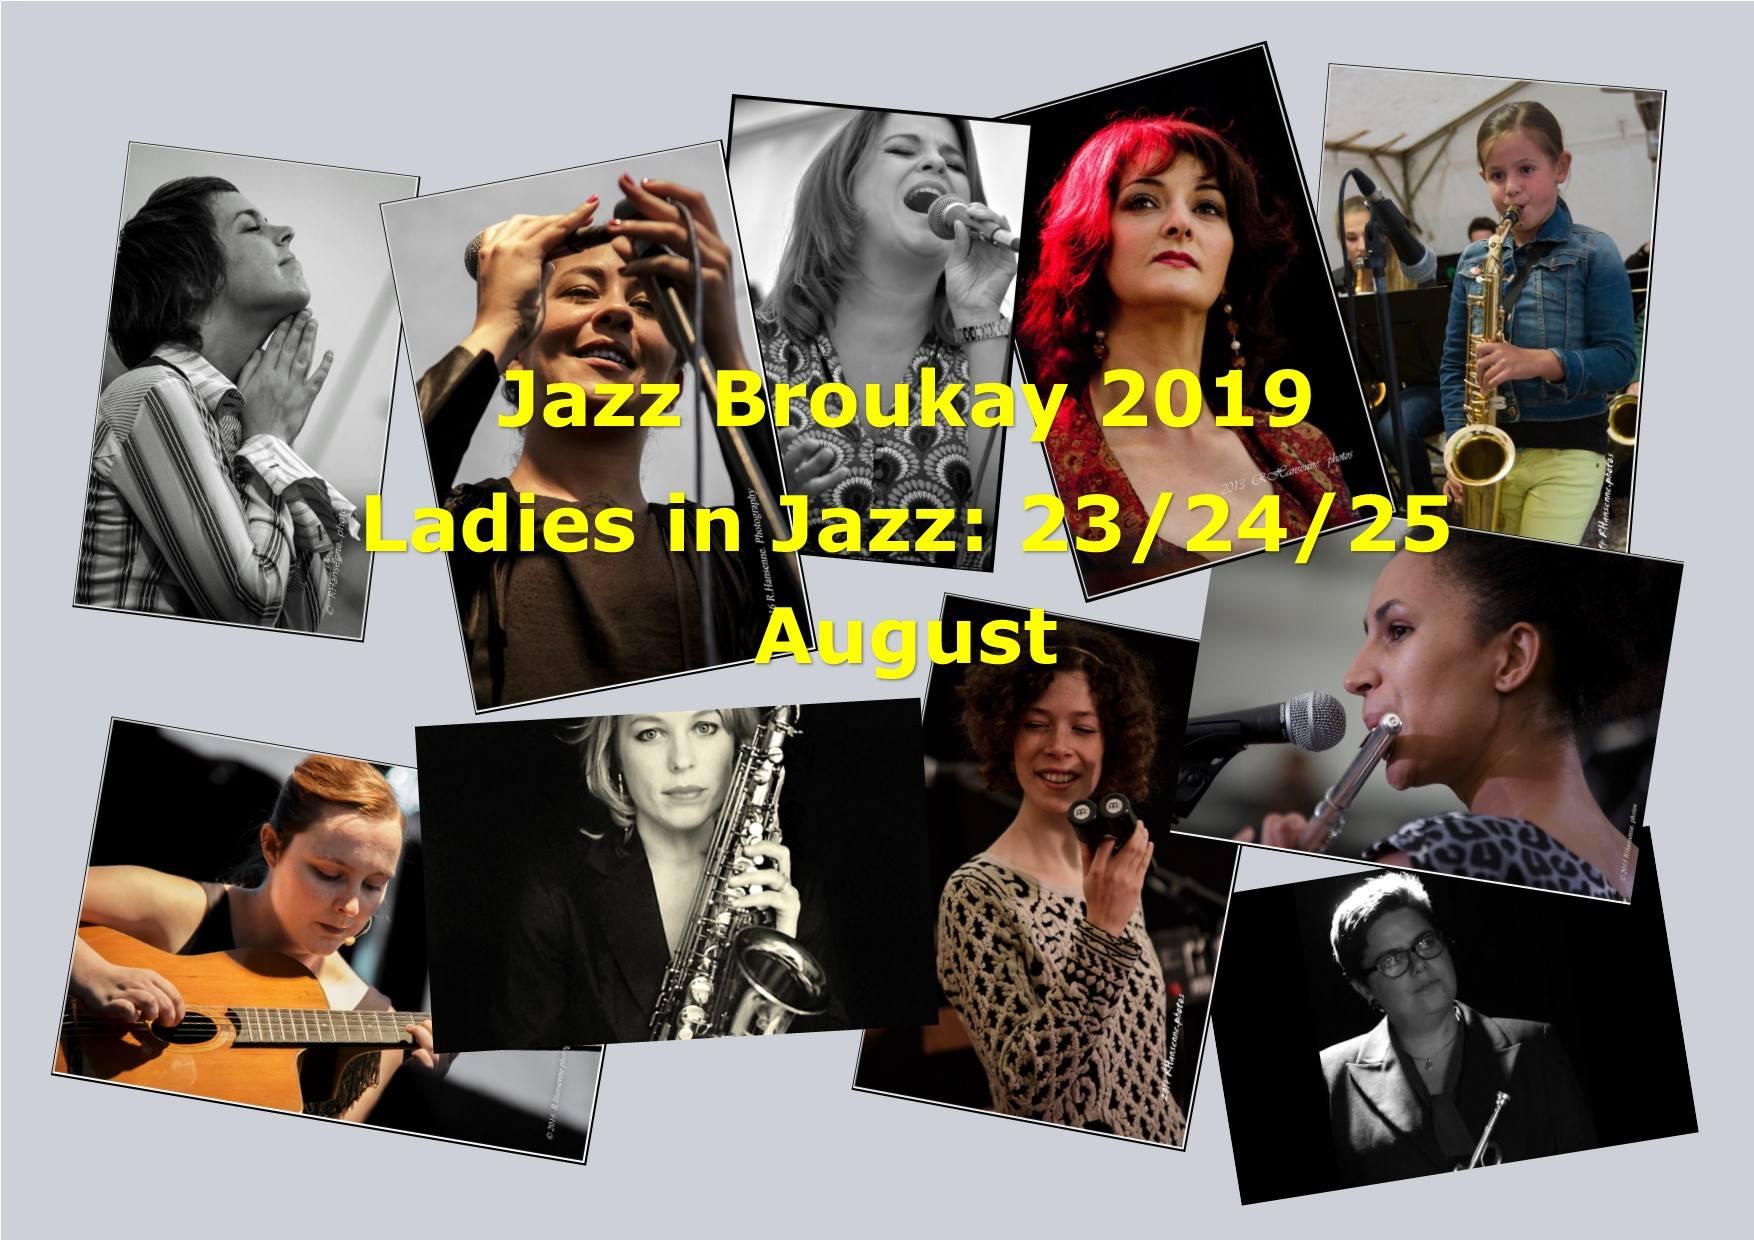 nous voulons faire honneur à la Jazz Woman